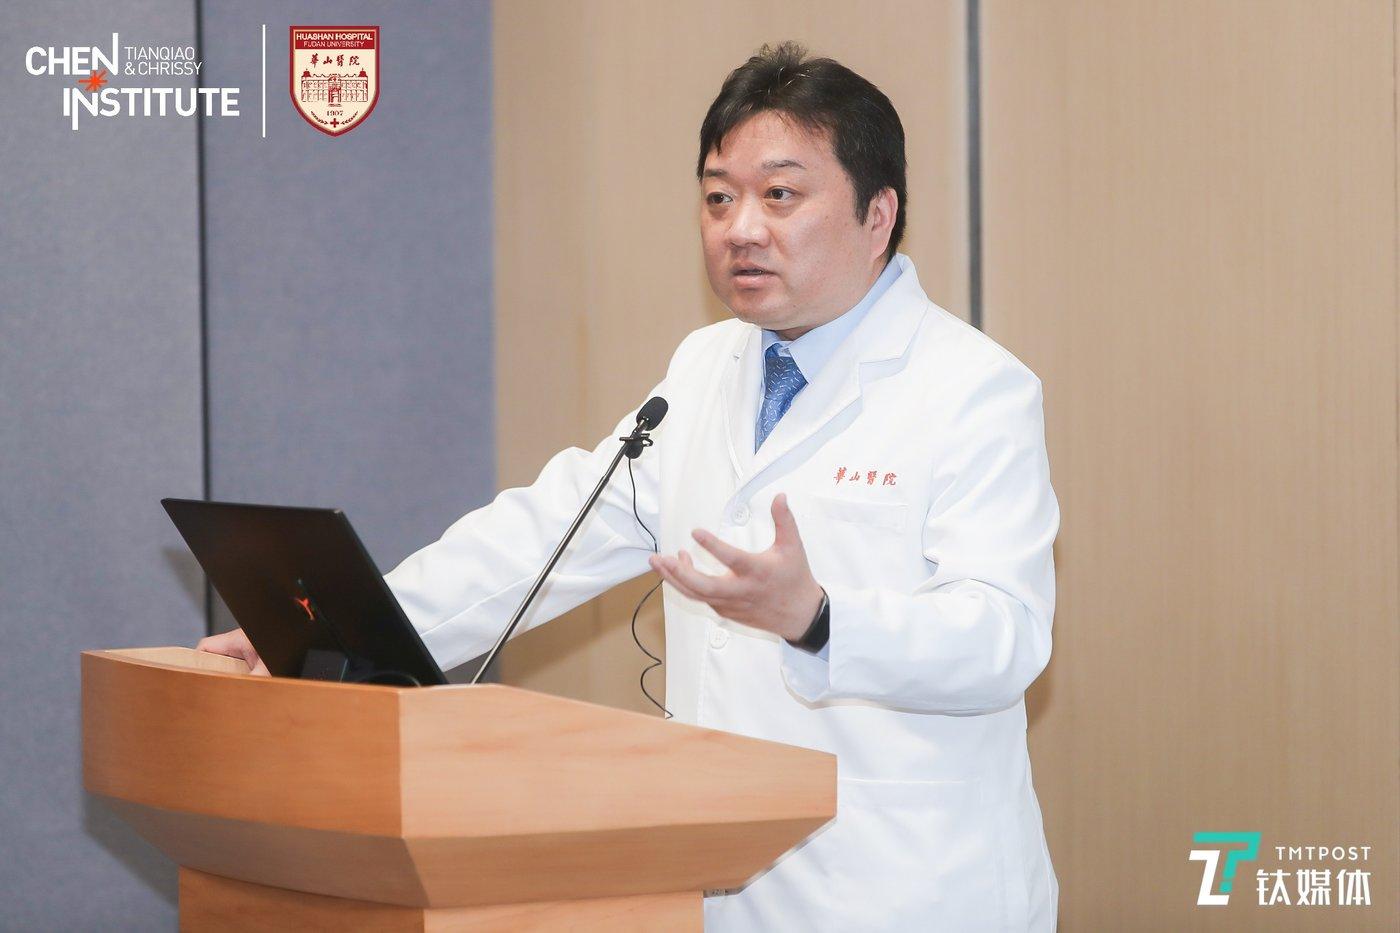 华山医院院长、TCCI转化中心主任毛颖教授